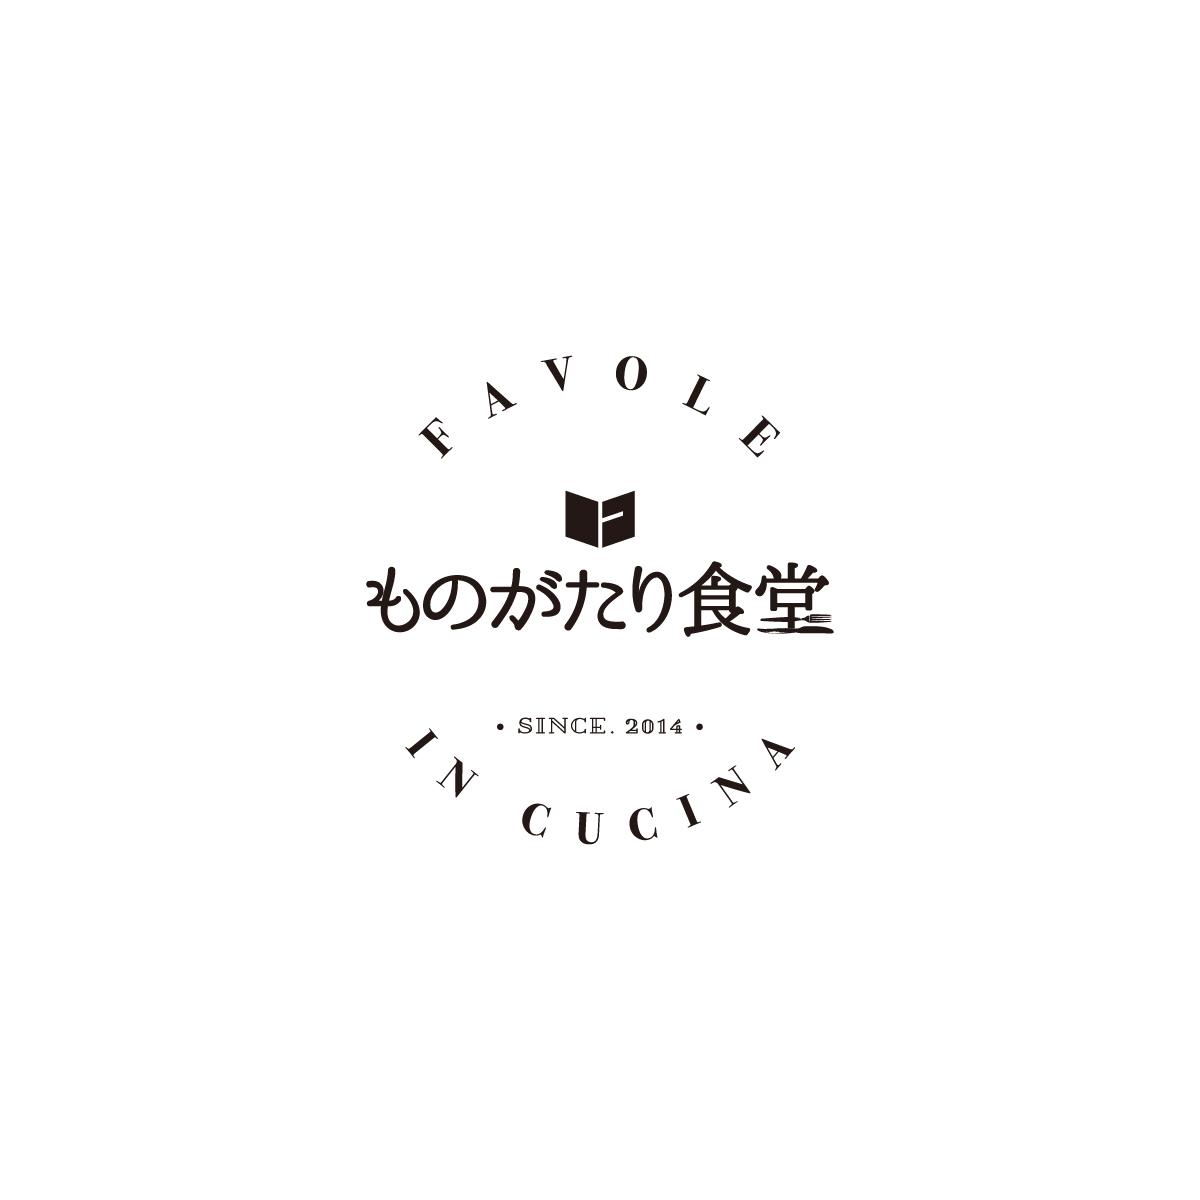 monogatari_vs-01